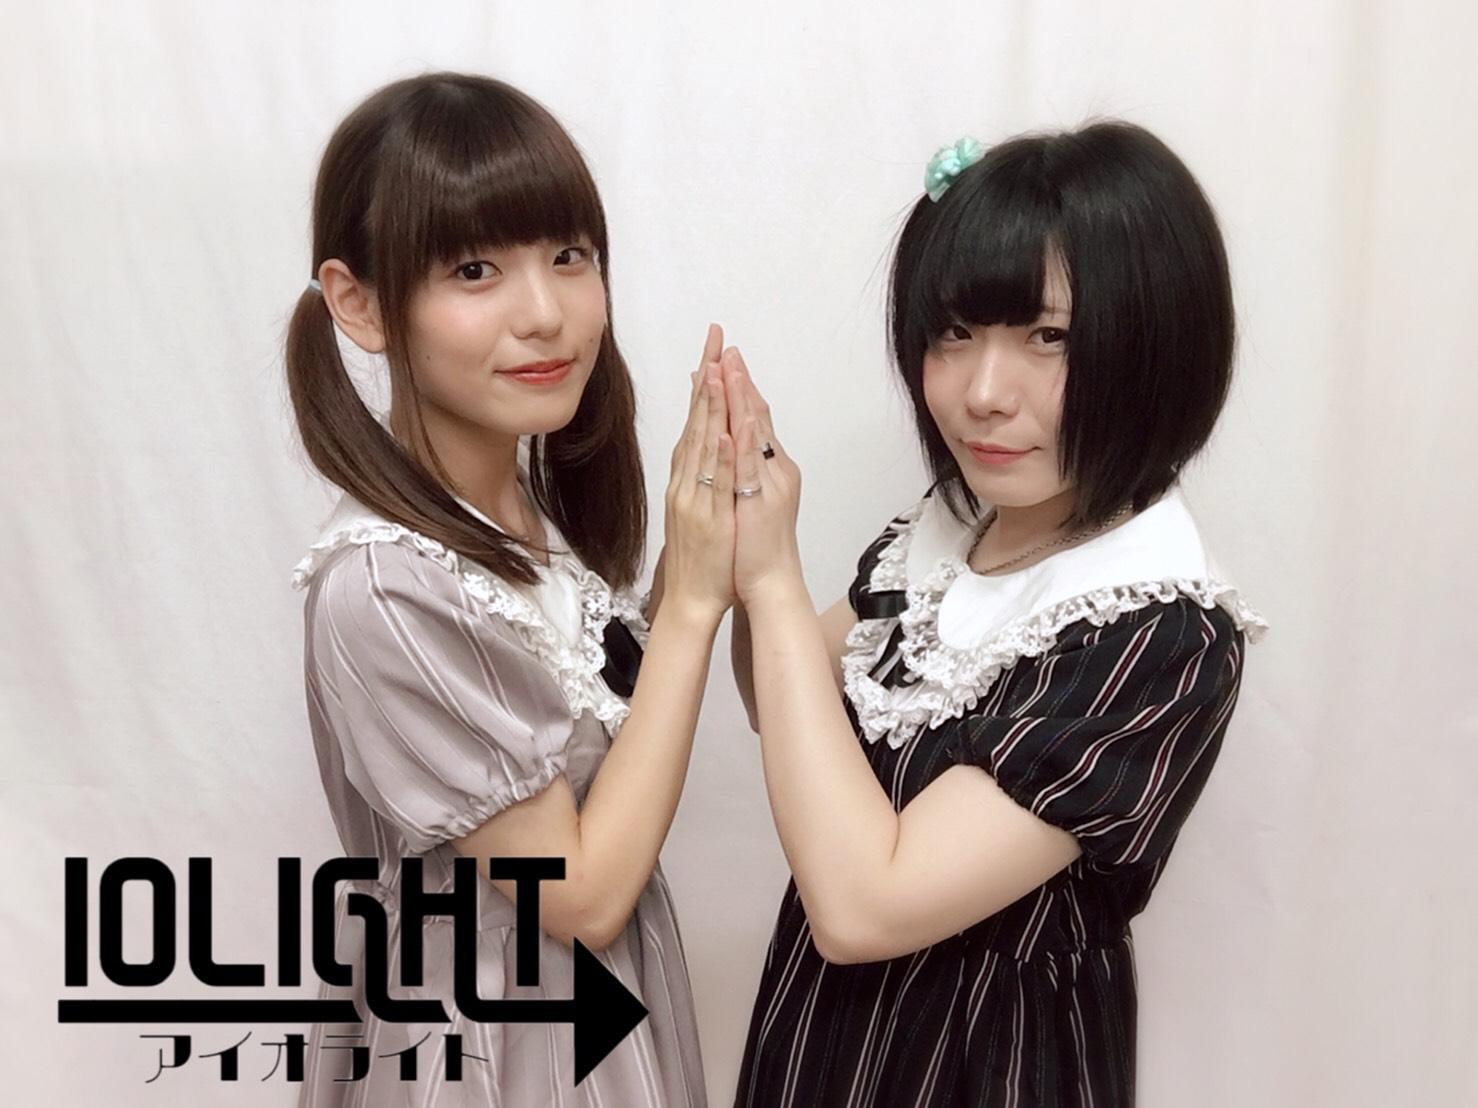 あくた祭りVol.16 ~れおりん生誕祭~ @CLUB HIGHTLAND徳島